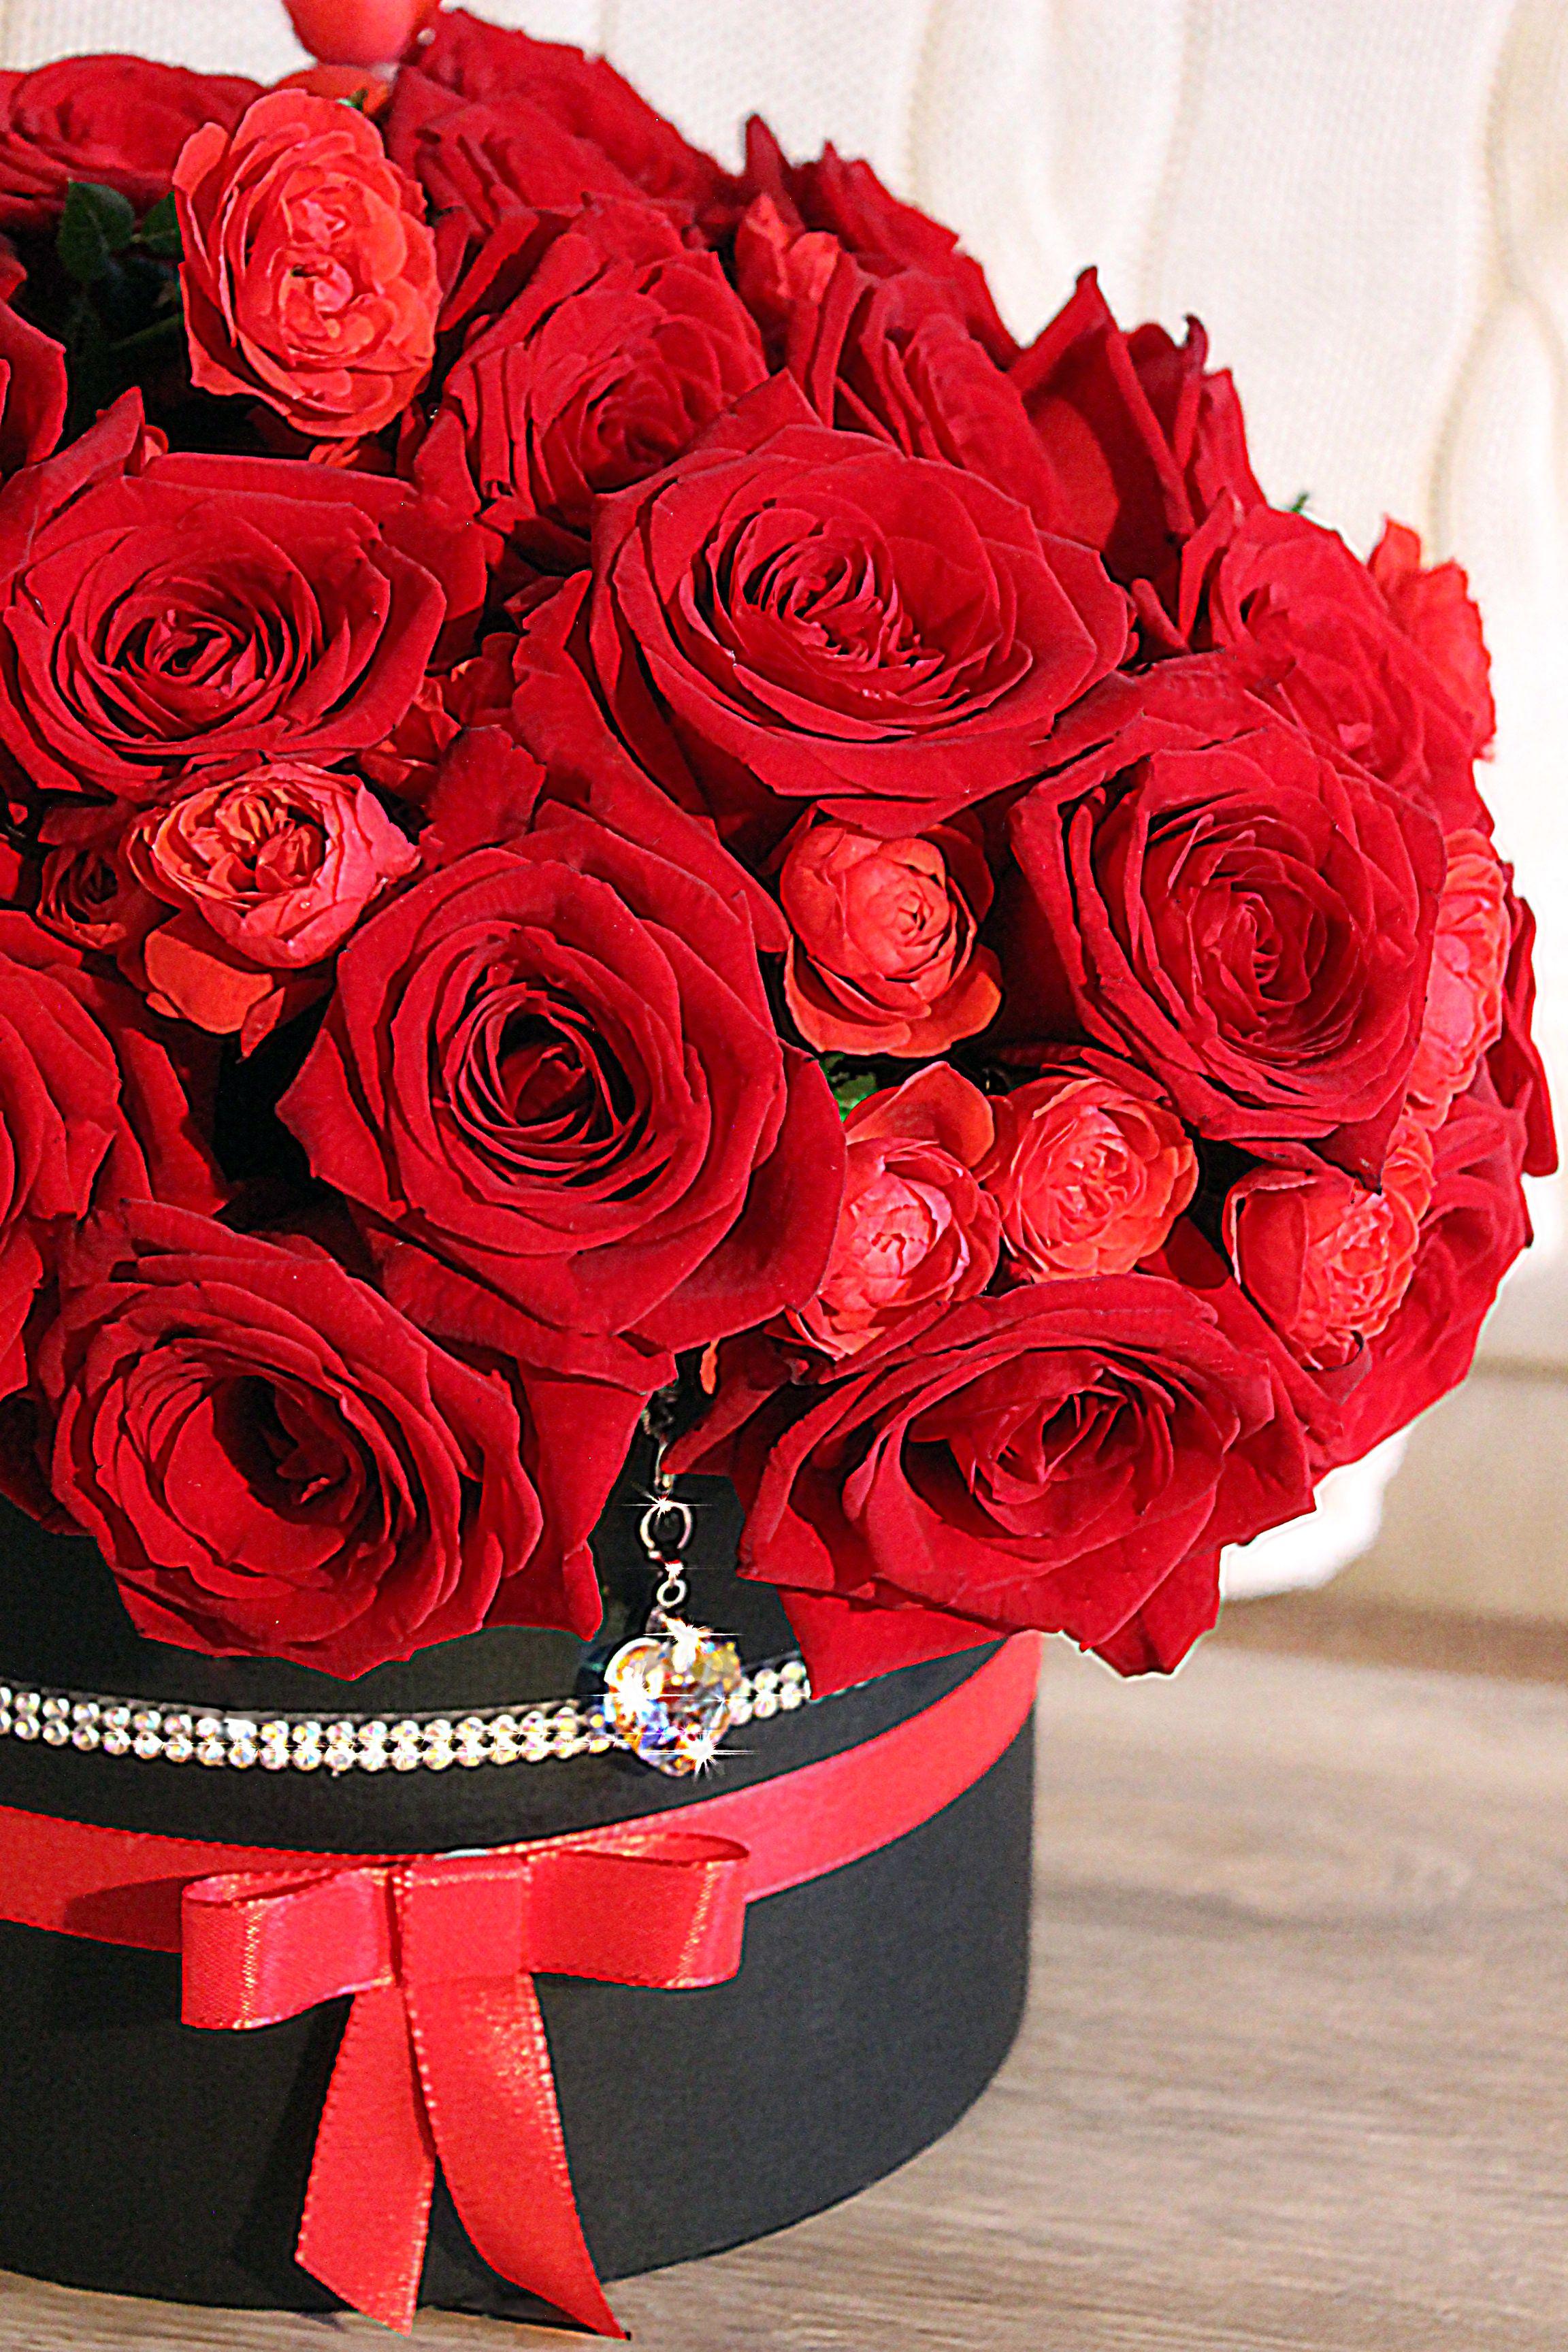 Pinterest Whywhyn0t Cumpleaños Rosas Rojas Arreglos